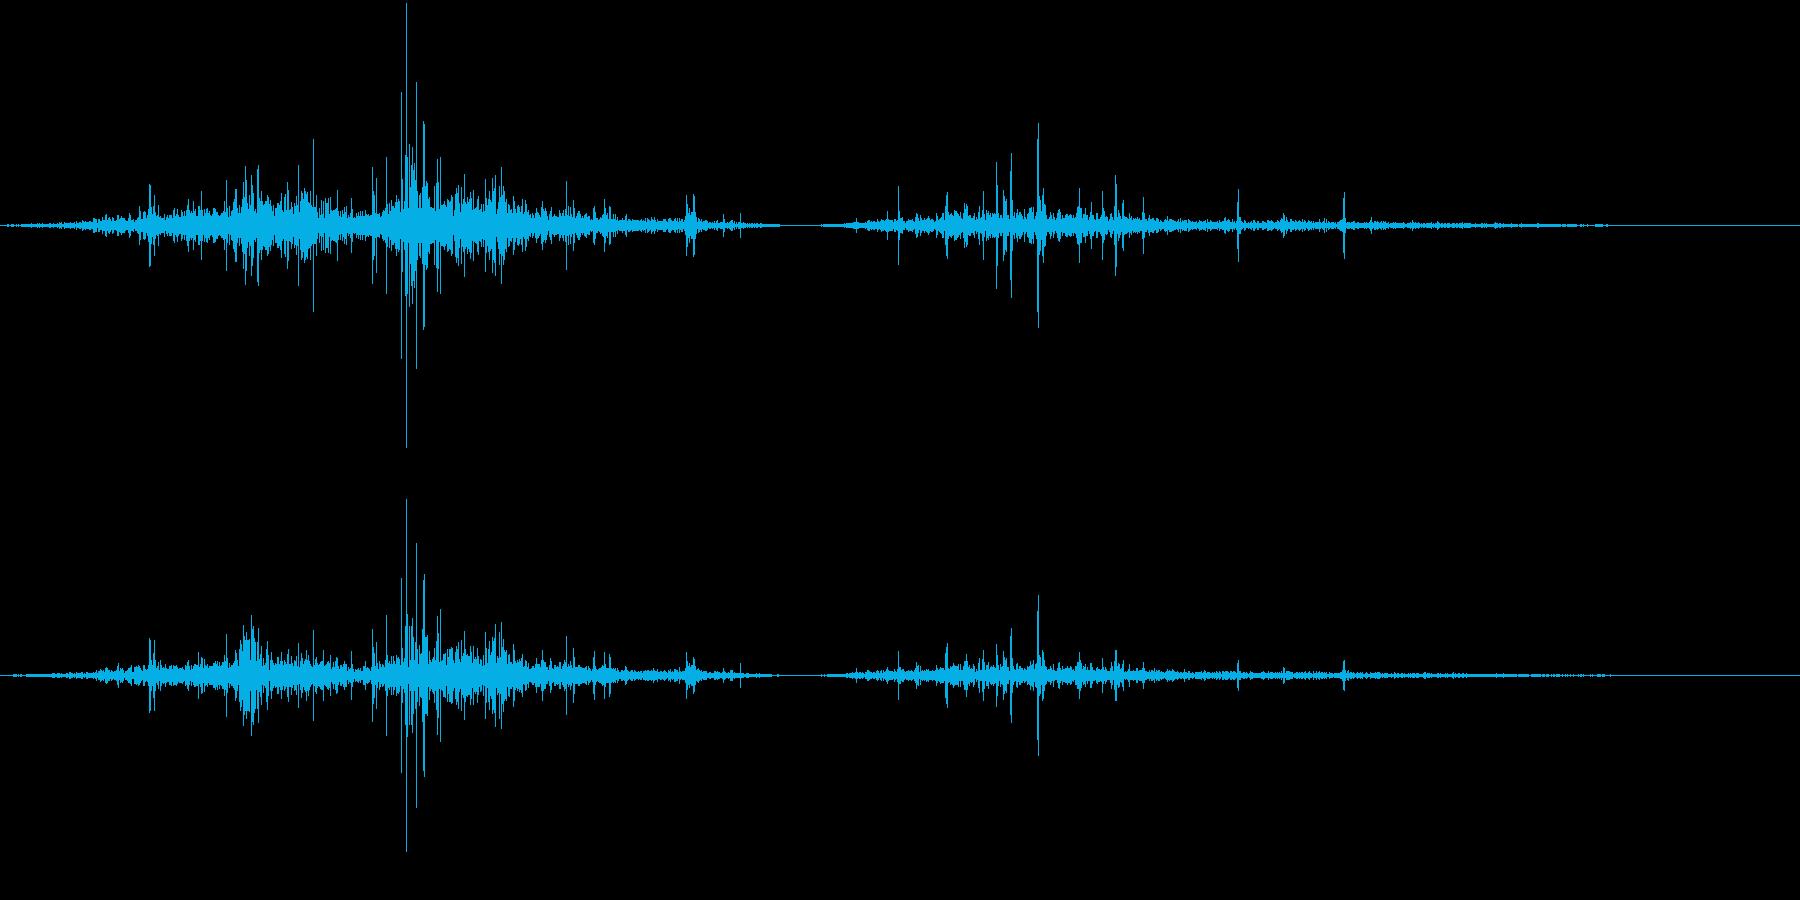 【生録音】布団を剥がす音 1の再生済みの波形